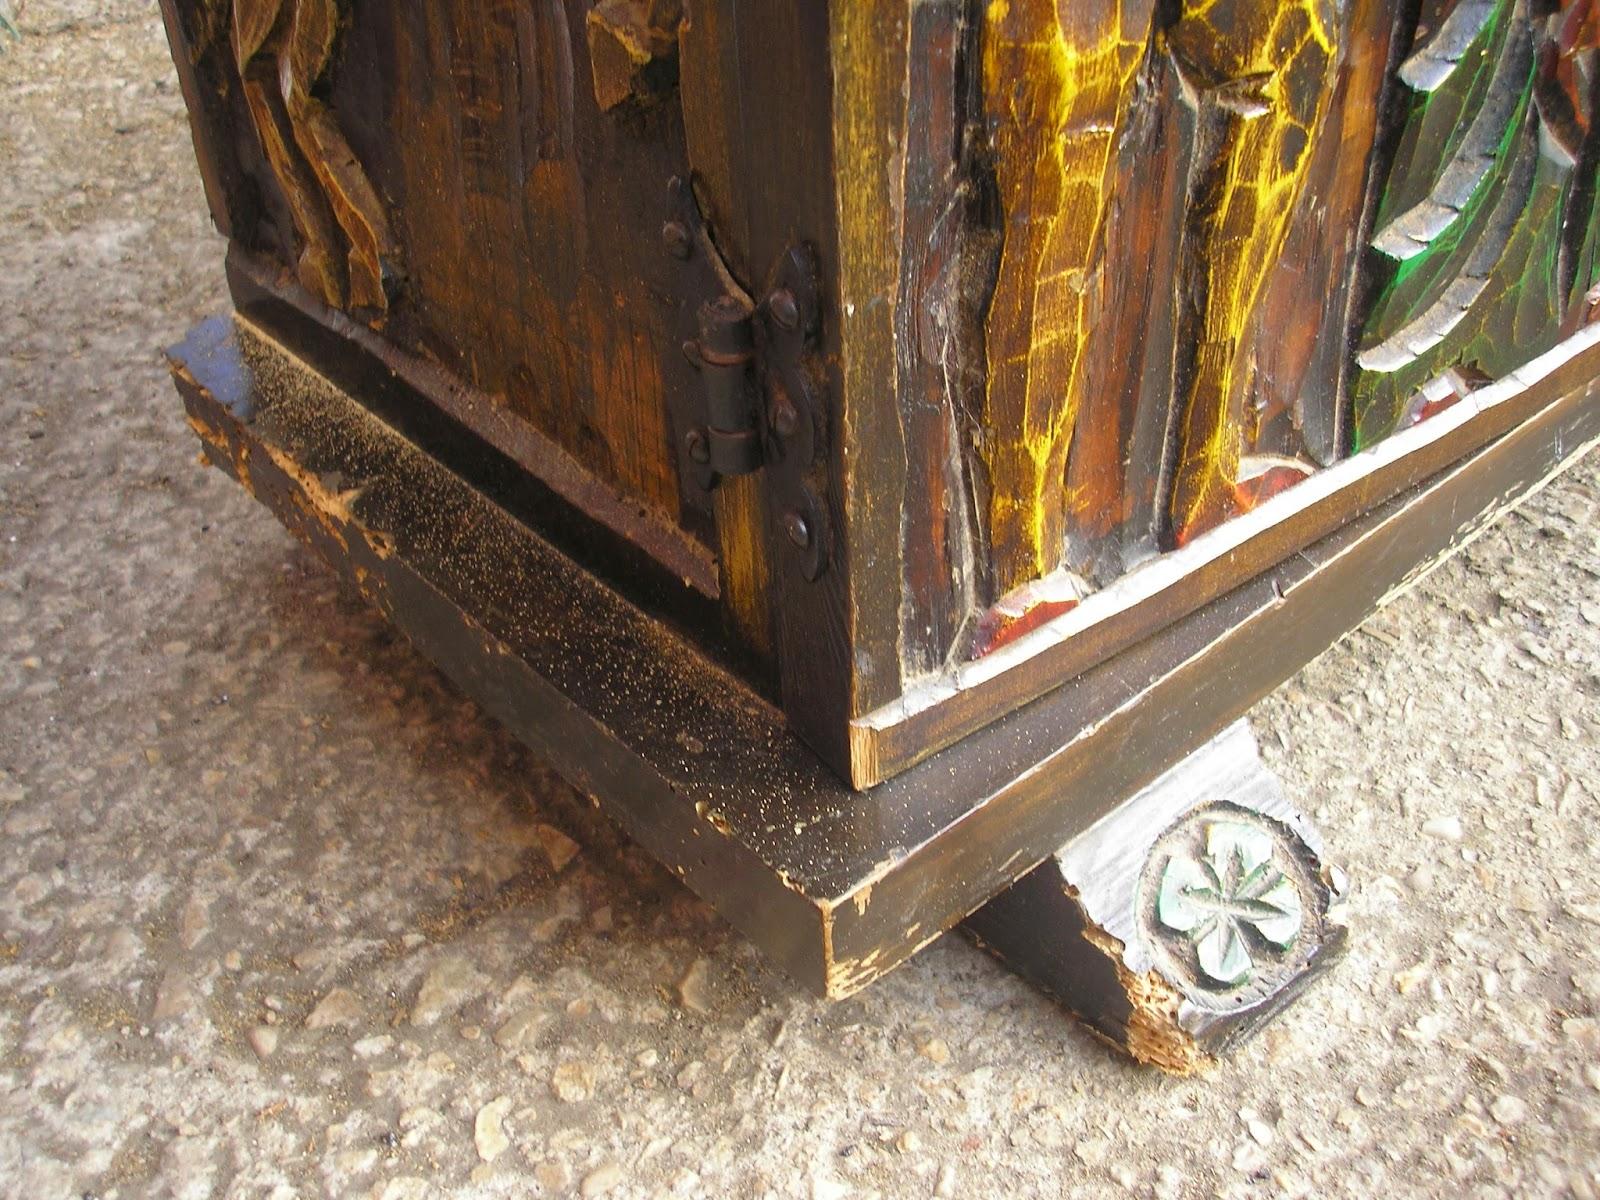 Restauración y Rejilla Restauración de un mueble zapatero